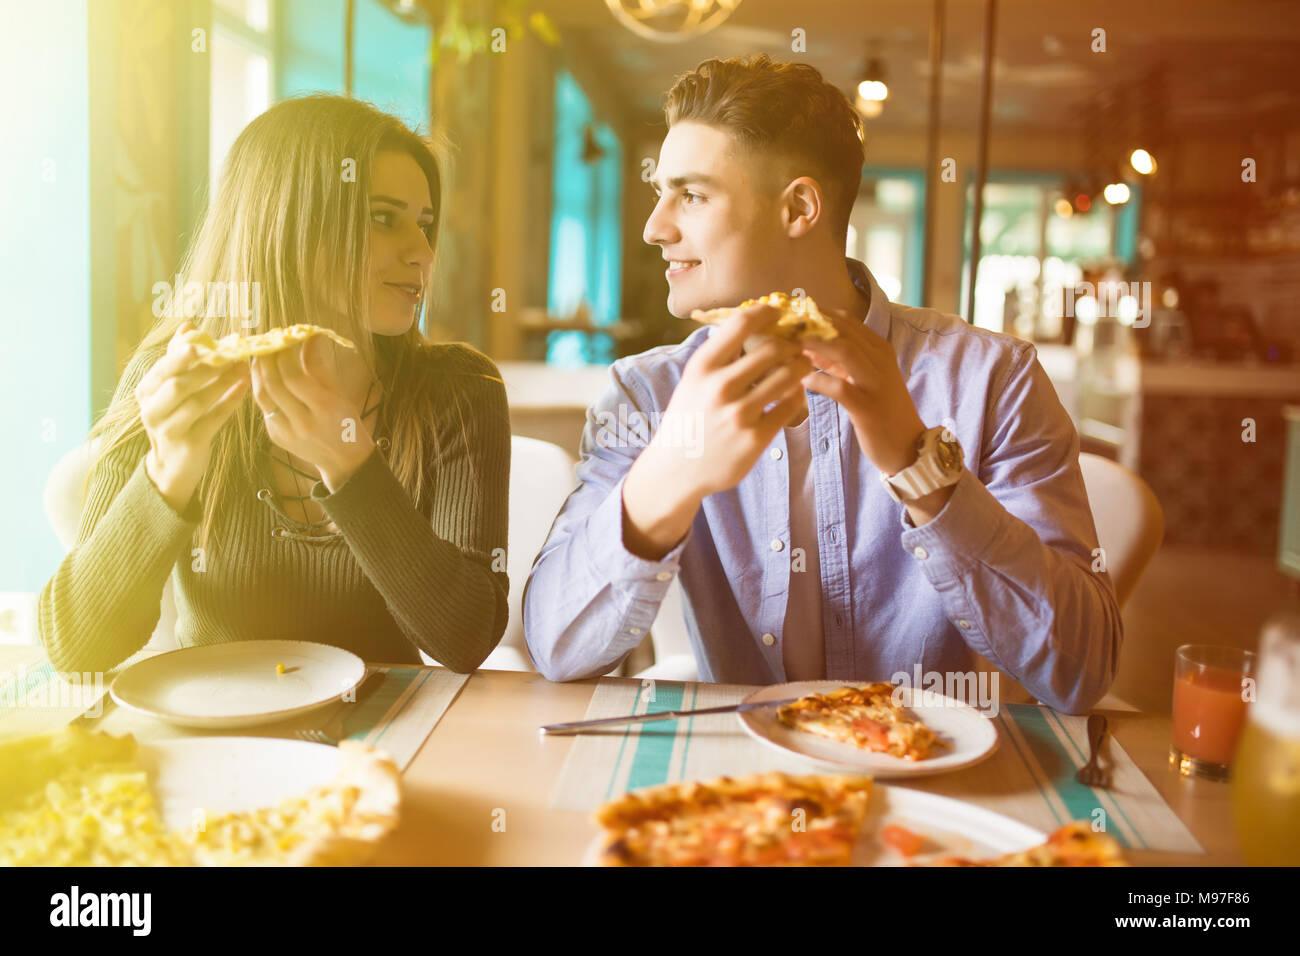 Cerrar foto de la joven pareja disfrutando en la pizza, divirtiéndonos juntos. El consumismo, la comida, el concepto de estilo de vida Imagen De Stock